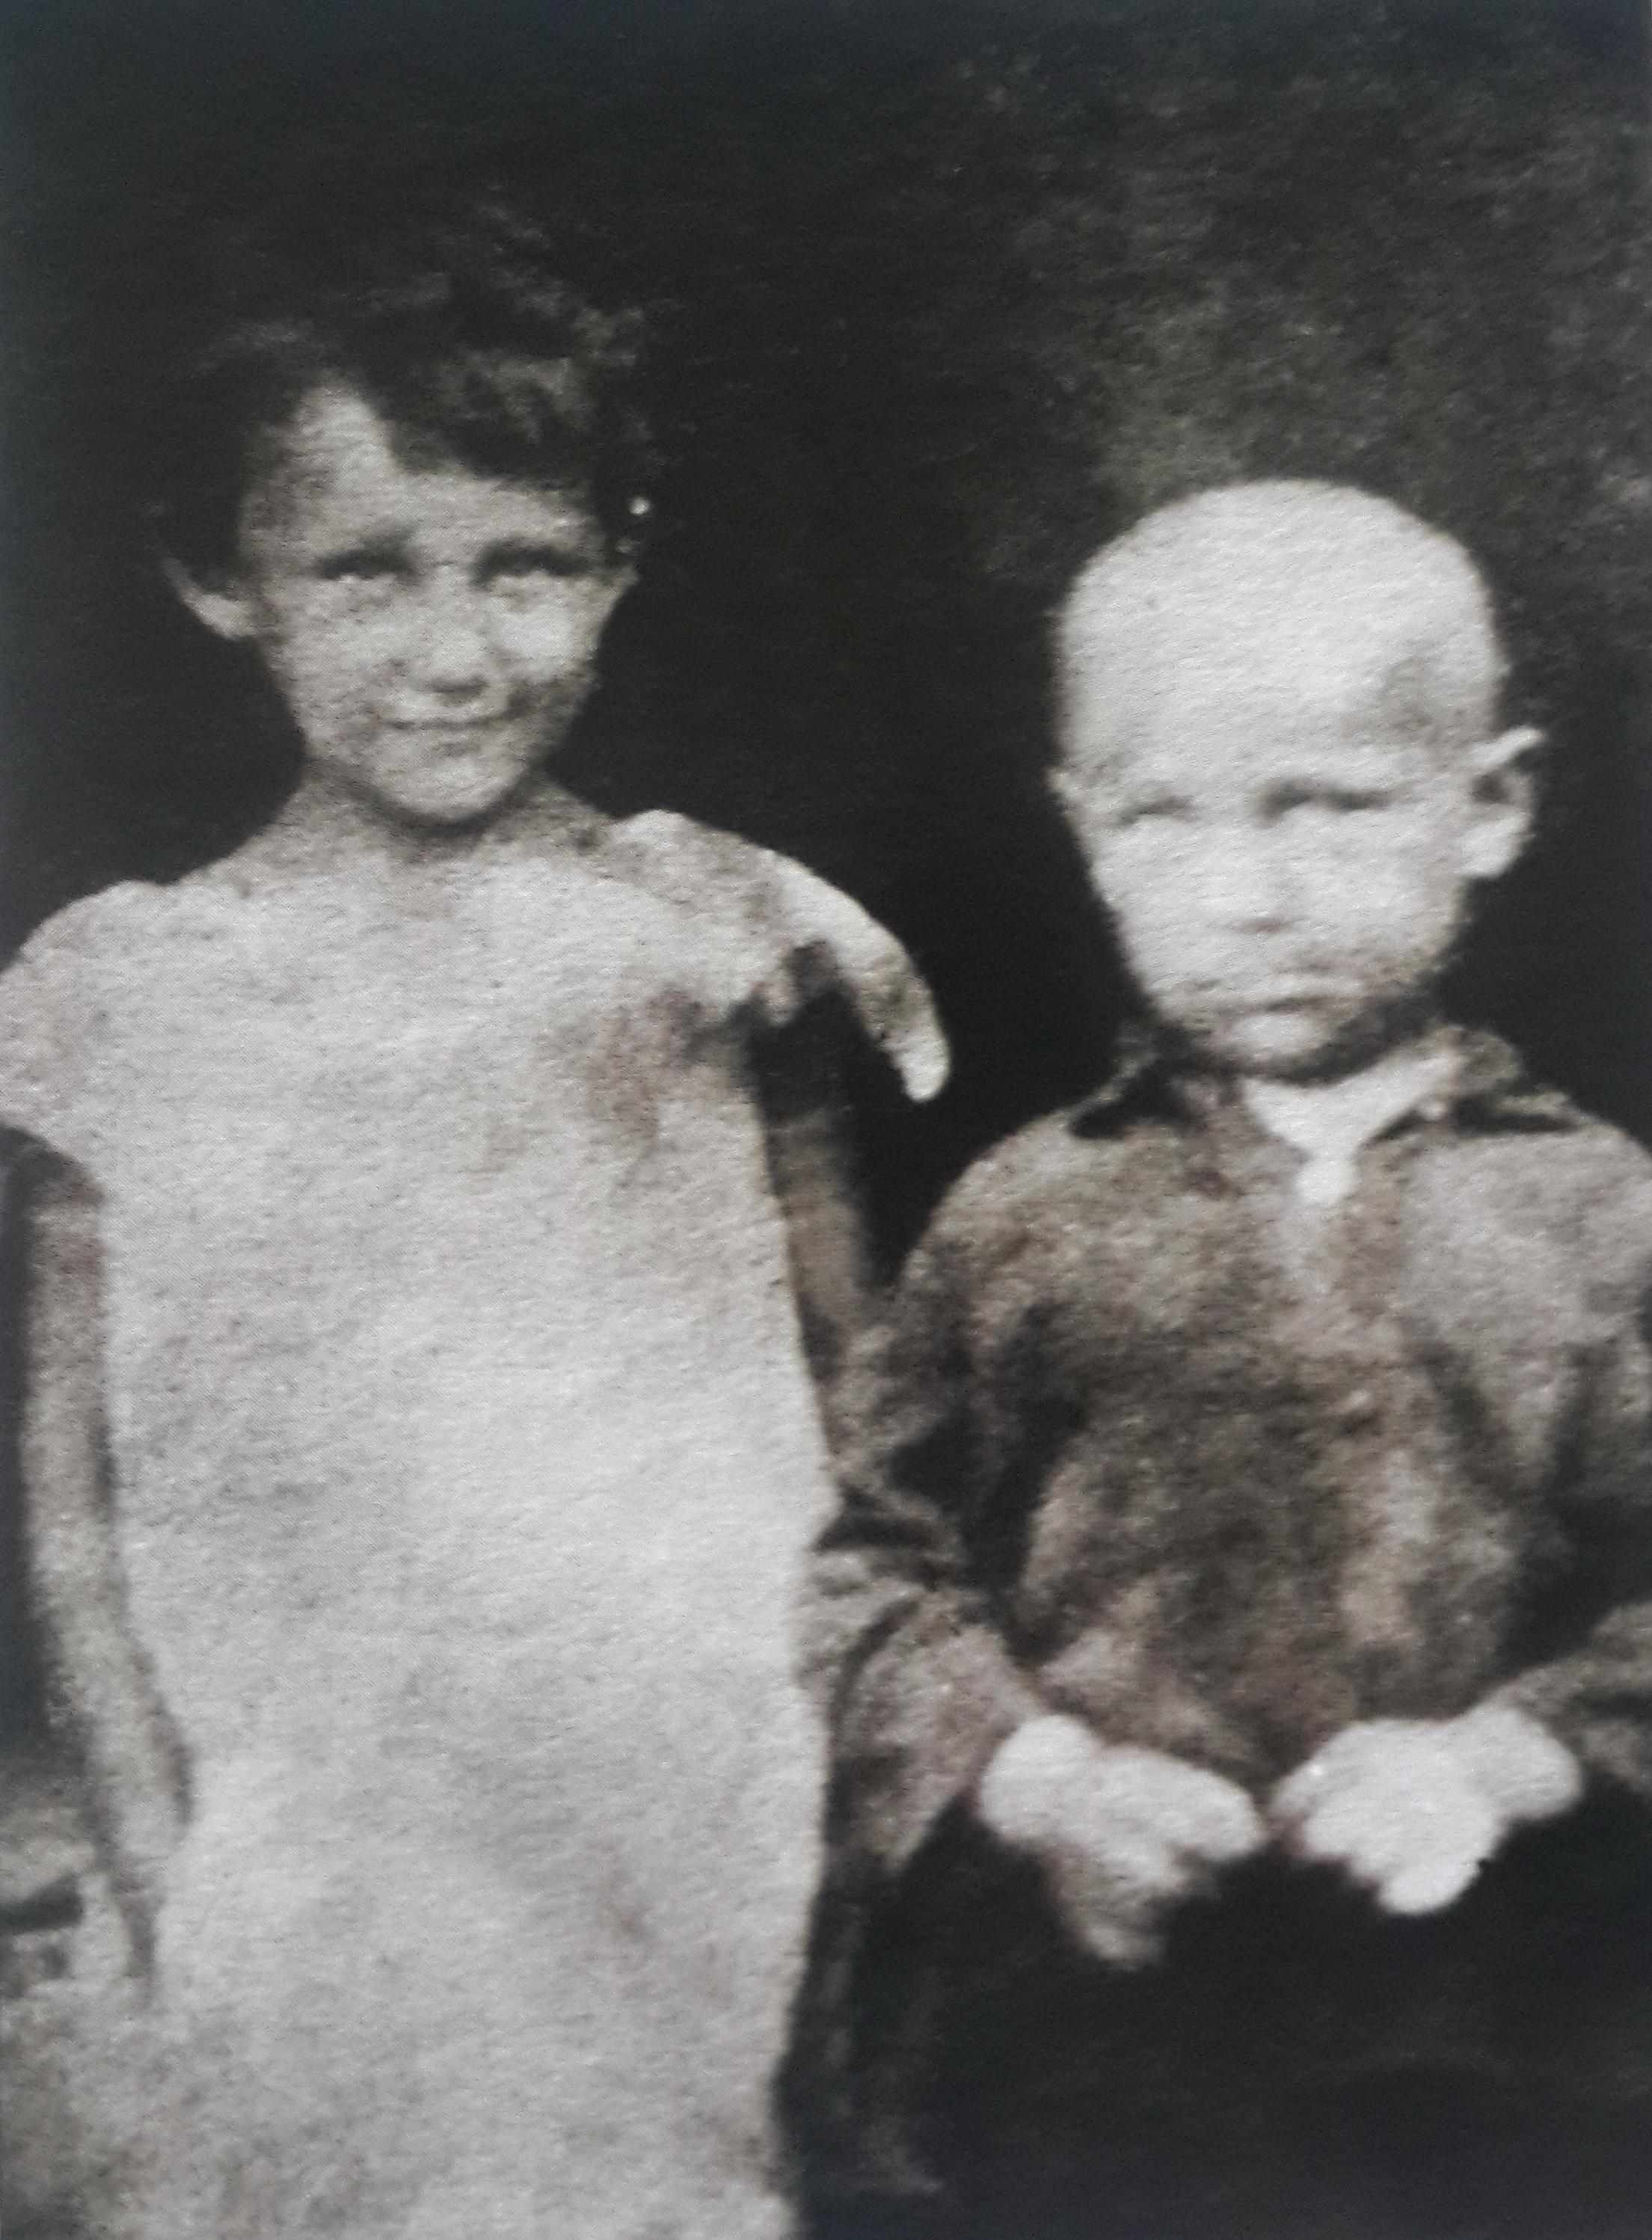 Зоя и Саша Космодемьянские в 1929 году.